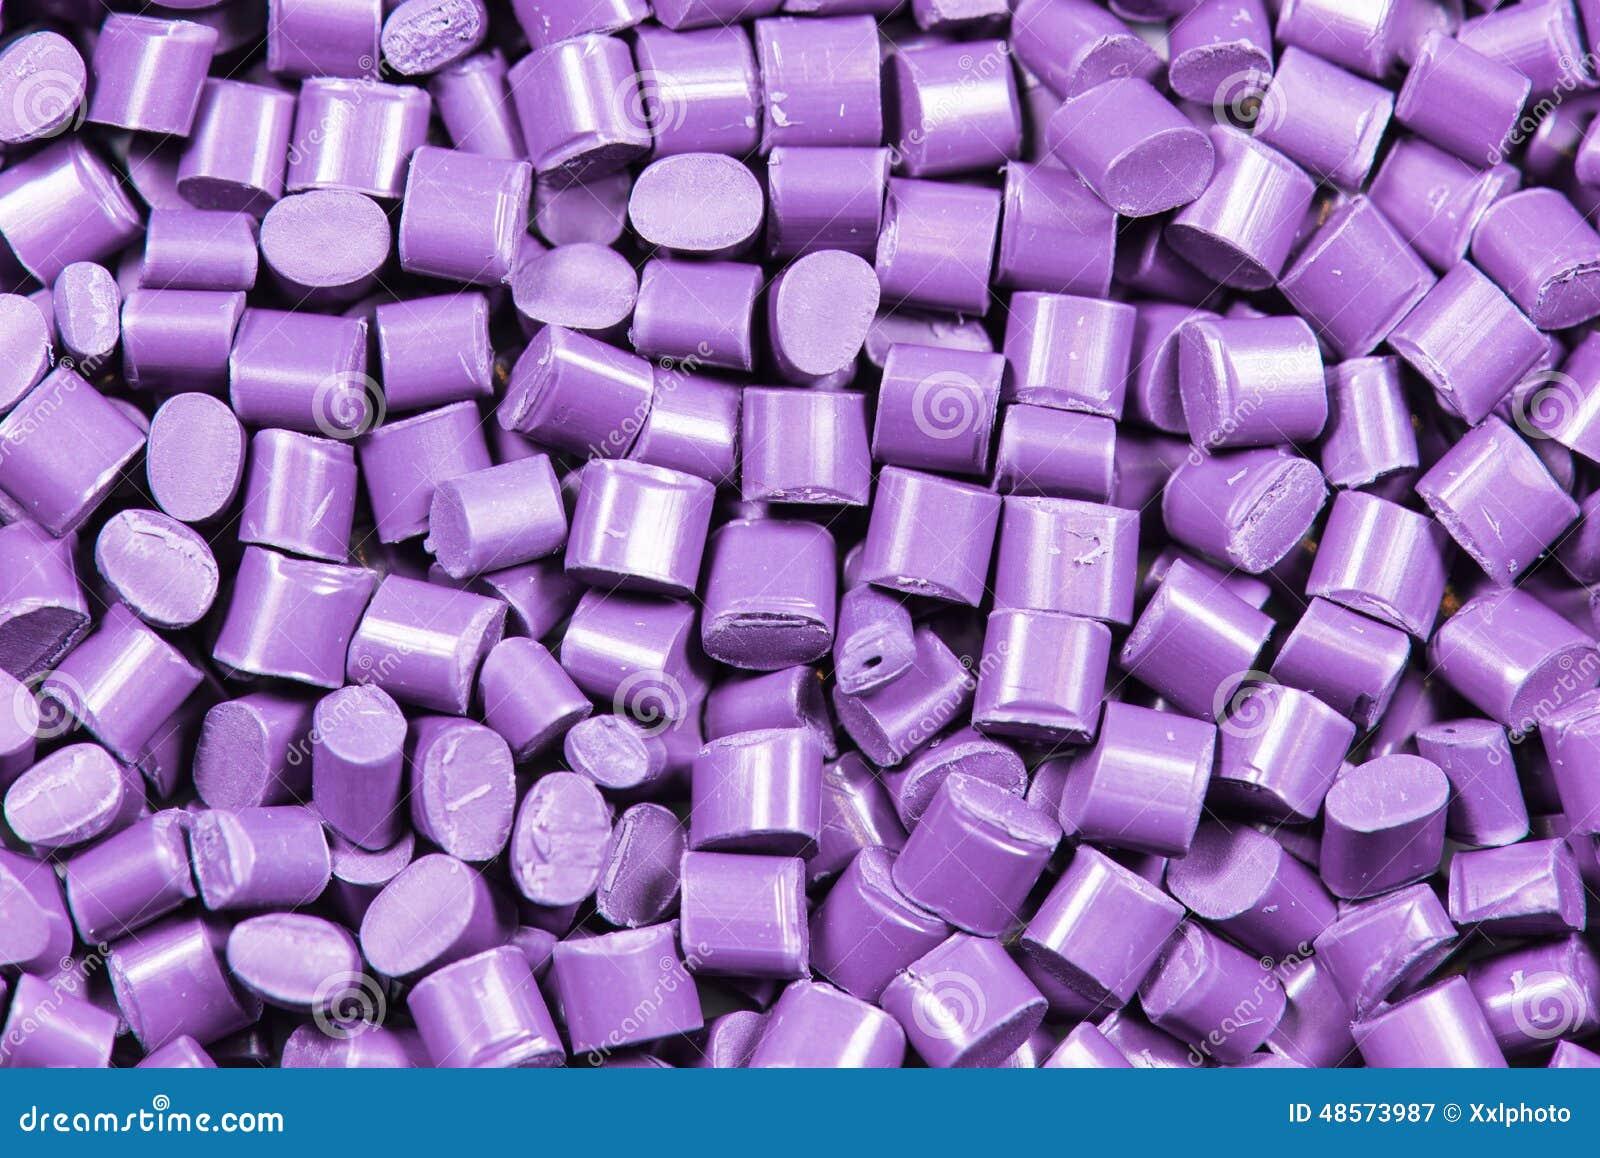 Purpurowy klingeryt granuluje wyrka